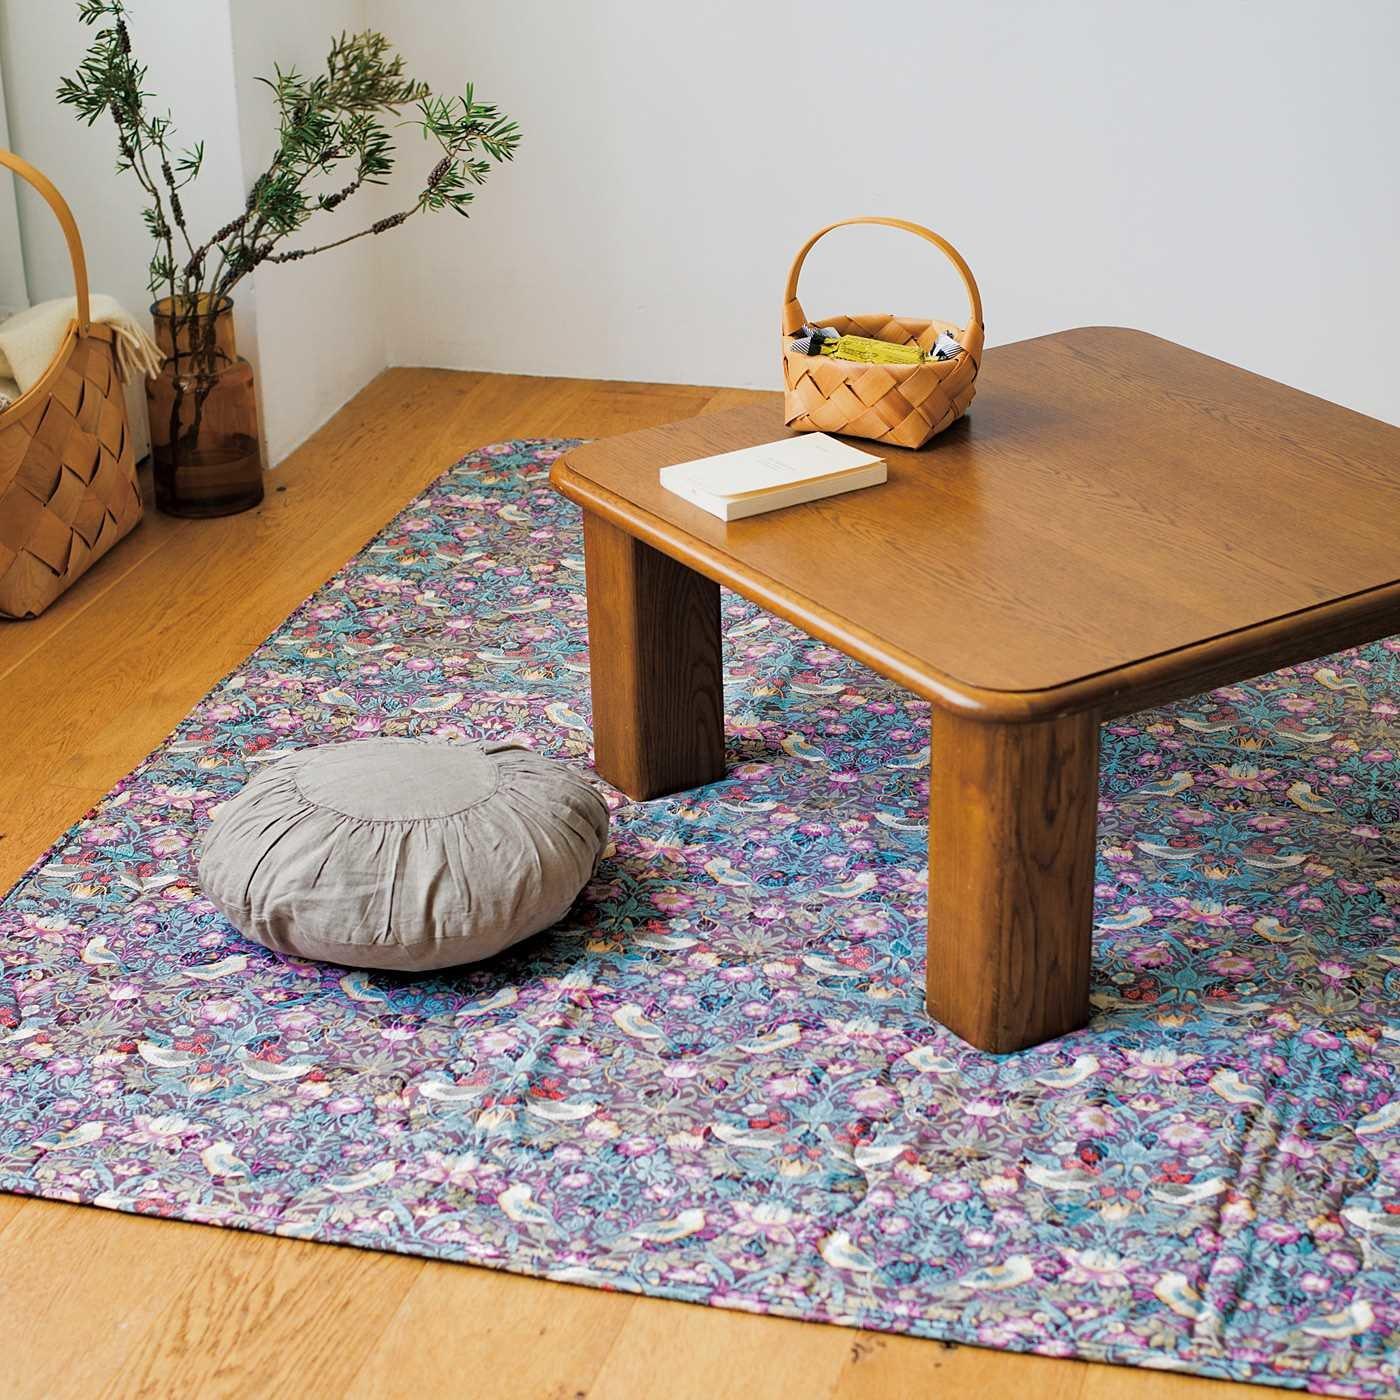 V&A Arts&Crafts collection こだわりインテリアで素敵空間でぬくぬく冬ごもり こたつ敷布団 いちご泥棒〈正方形〉